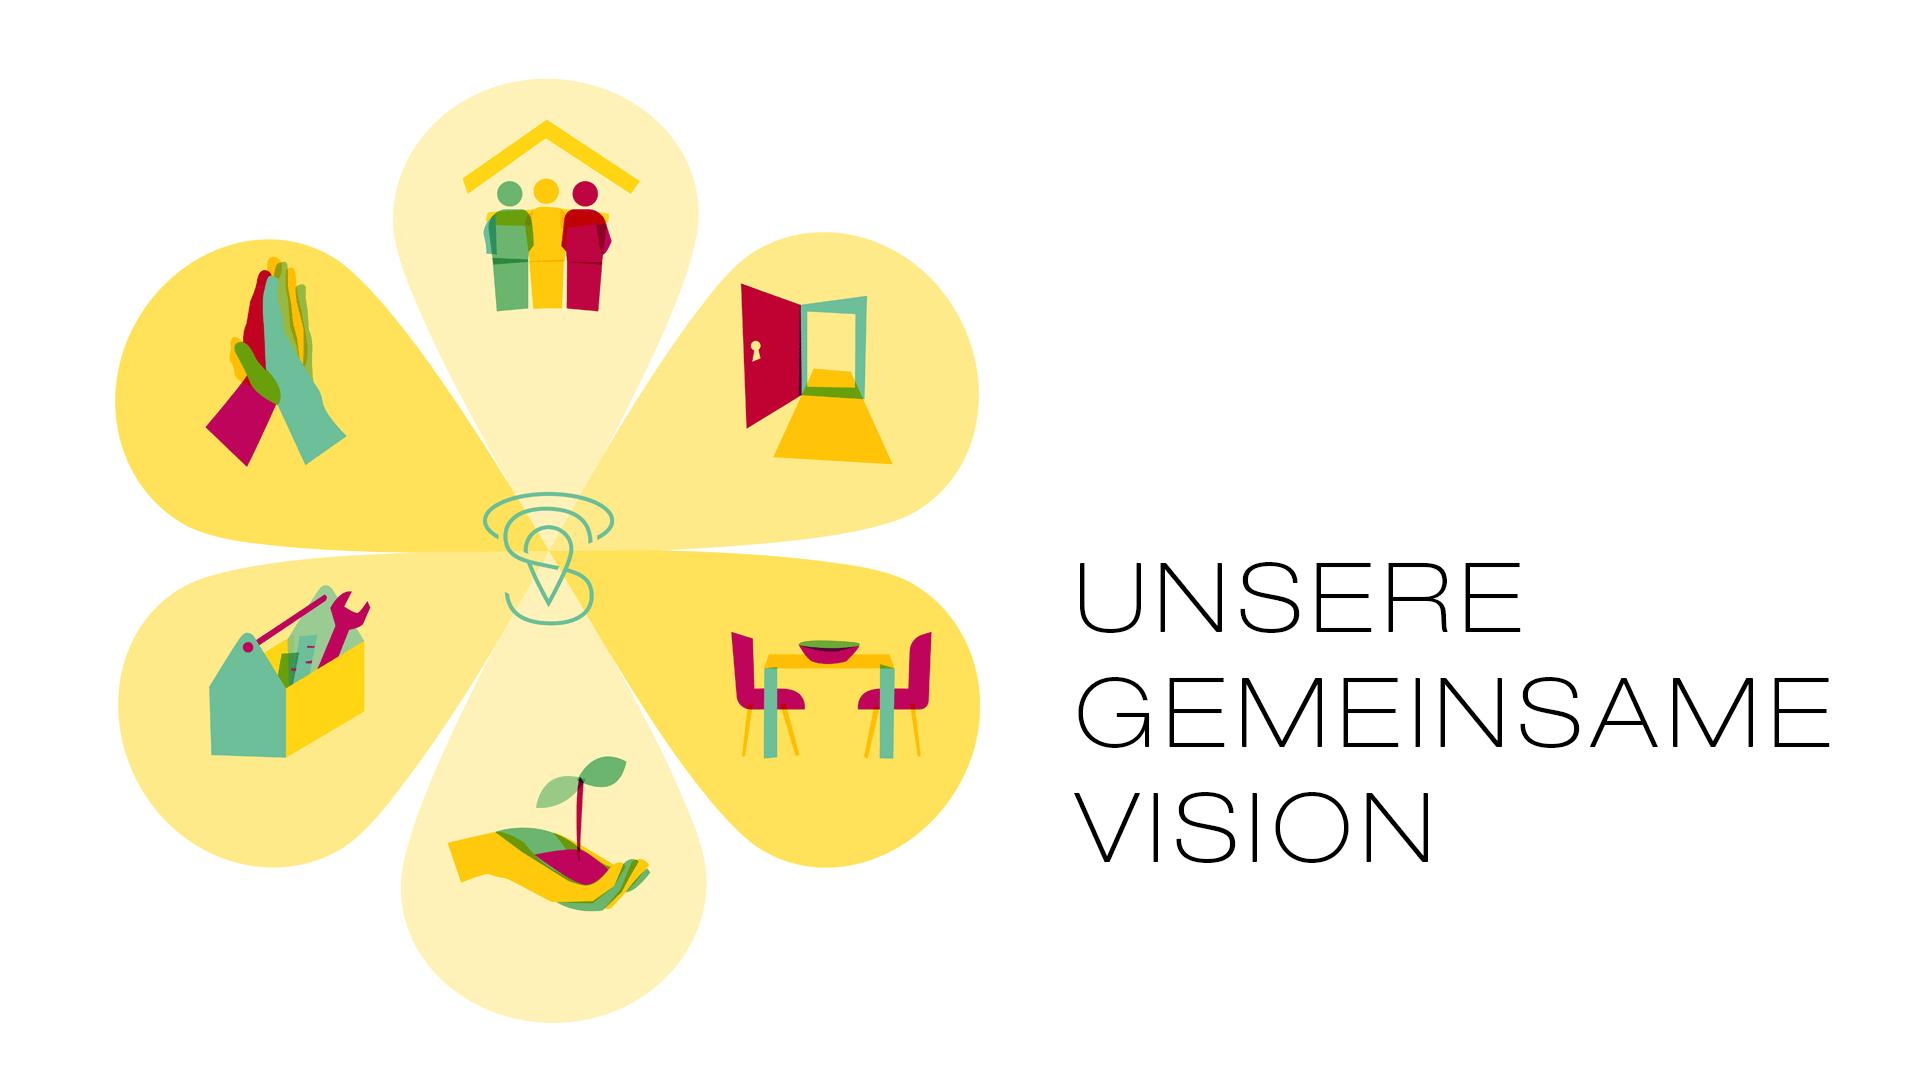 Unsere Vision – unser gemeinsames Haus